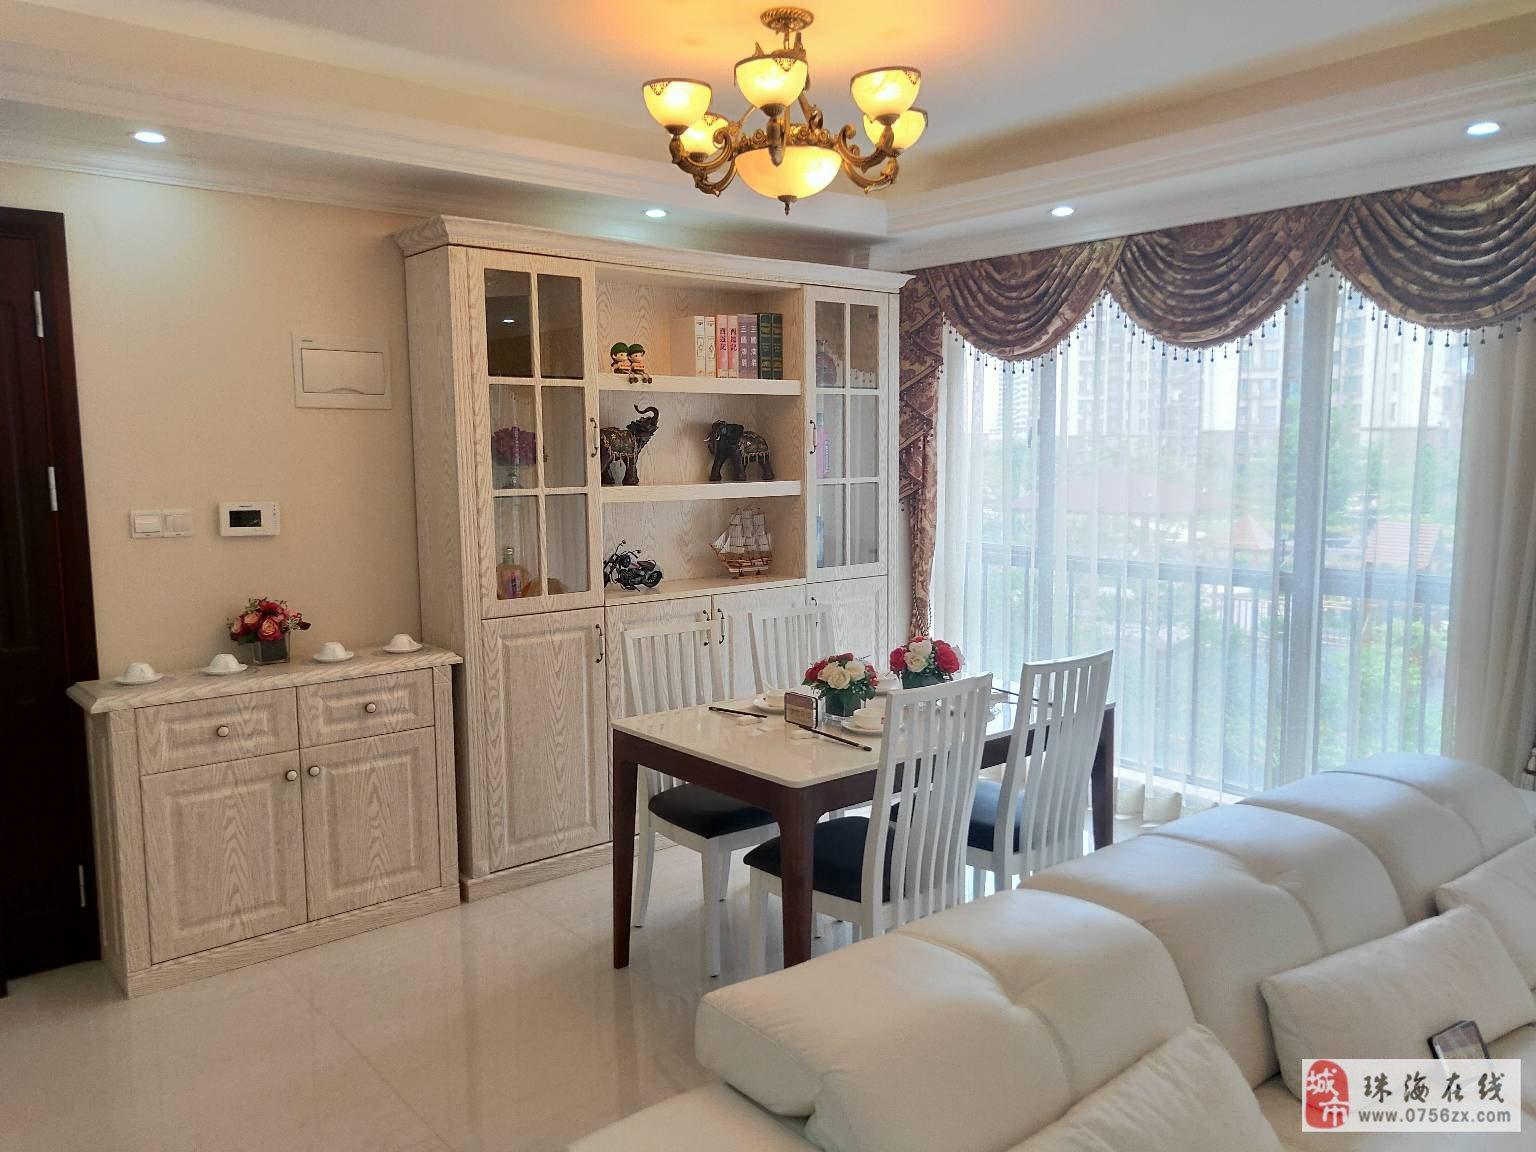 湖心路香海大桥旁金碧丽江东海岸外地可买一成首付15万